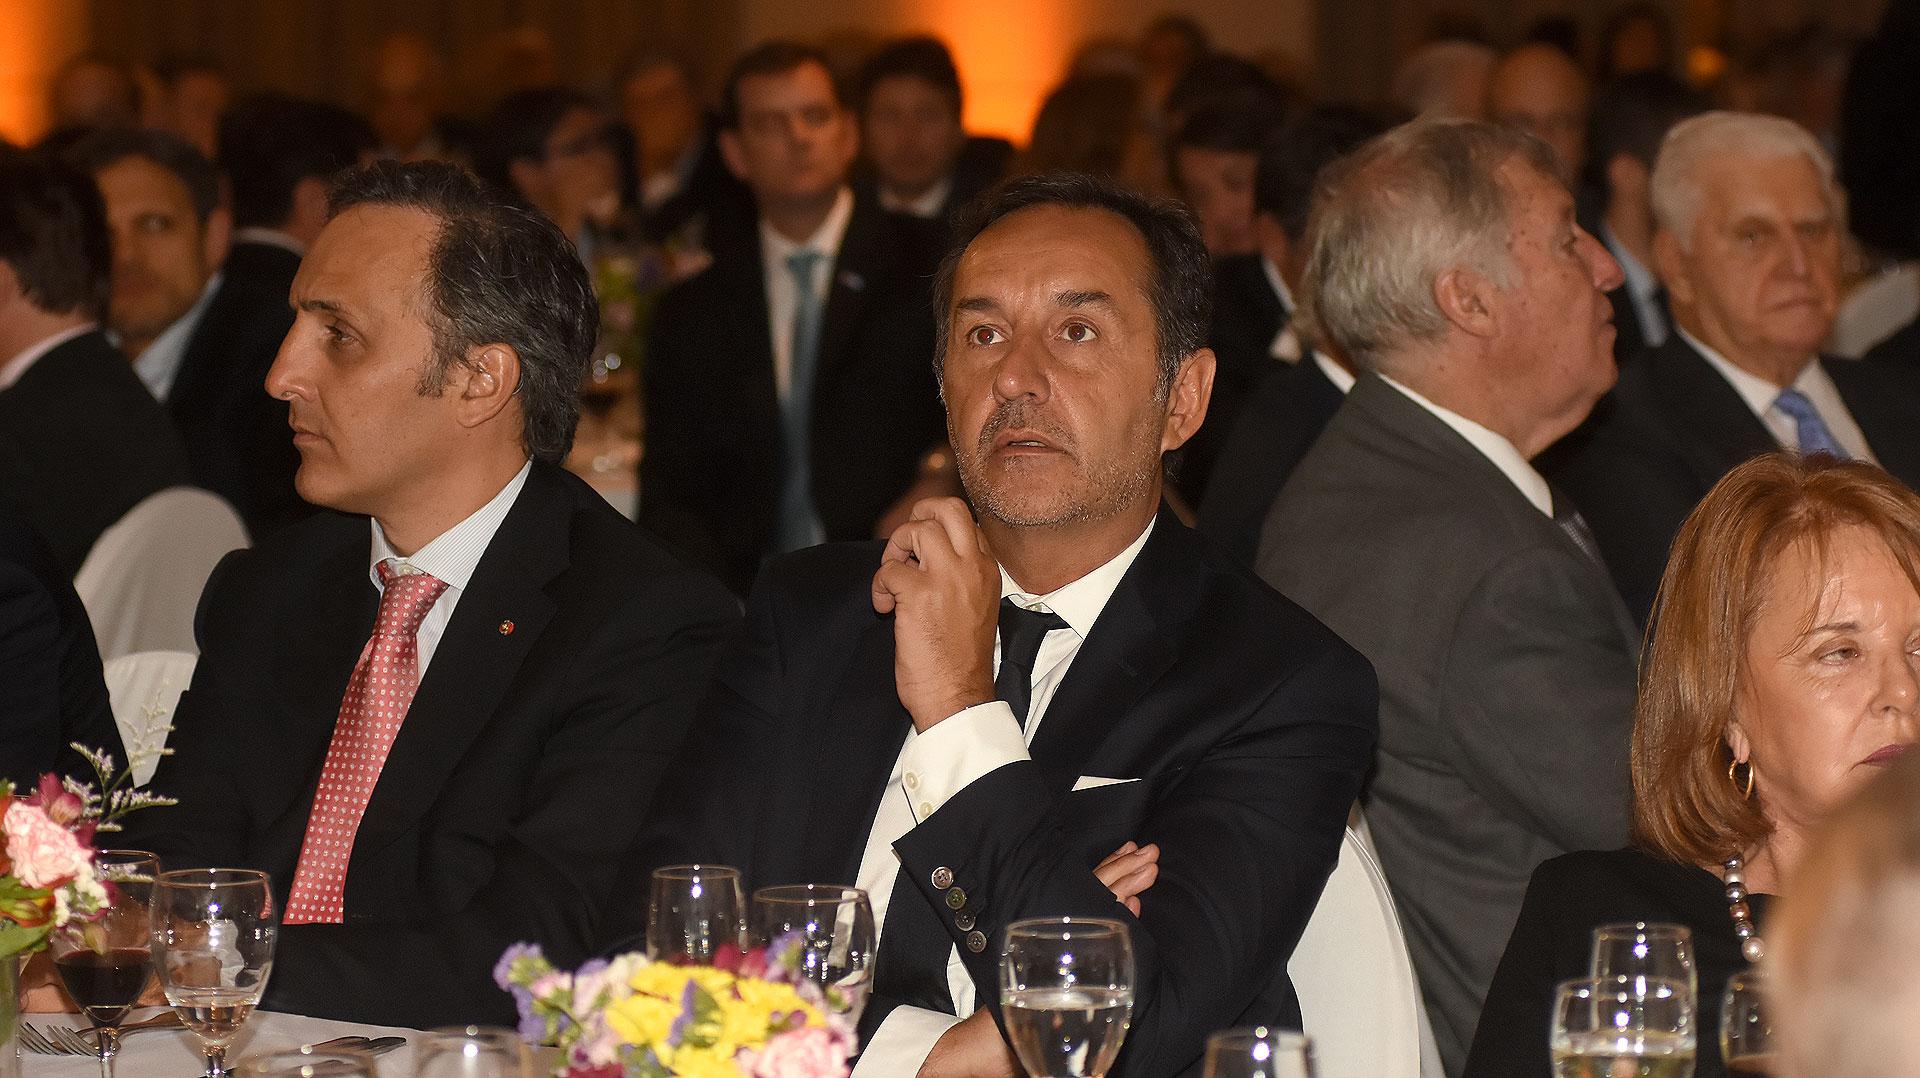 Marcos Bulgheroni y Fulvio Pompeo, secretario de Asuntos Estratégicos Internacionales – Jefatura de Gabinete